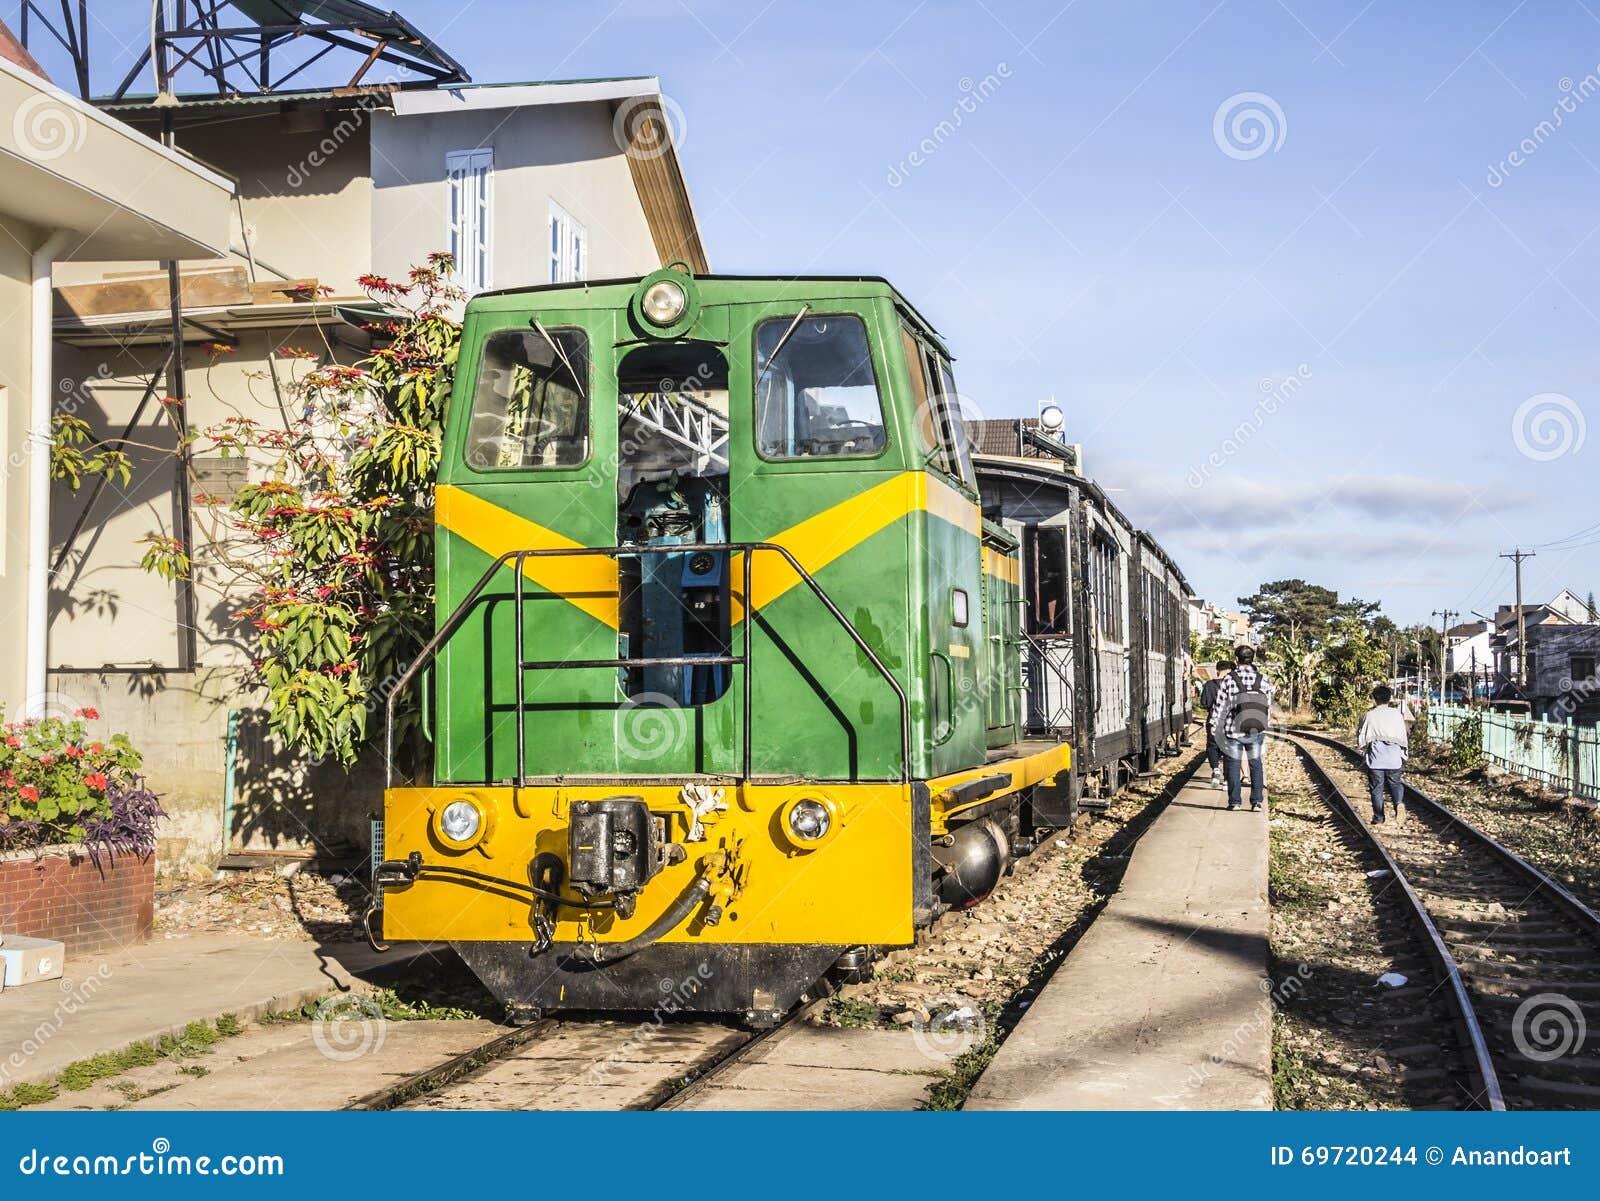 Historic Train At Dalat Editorial Stock Image Image